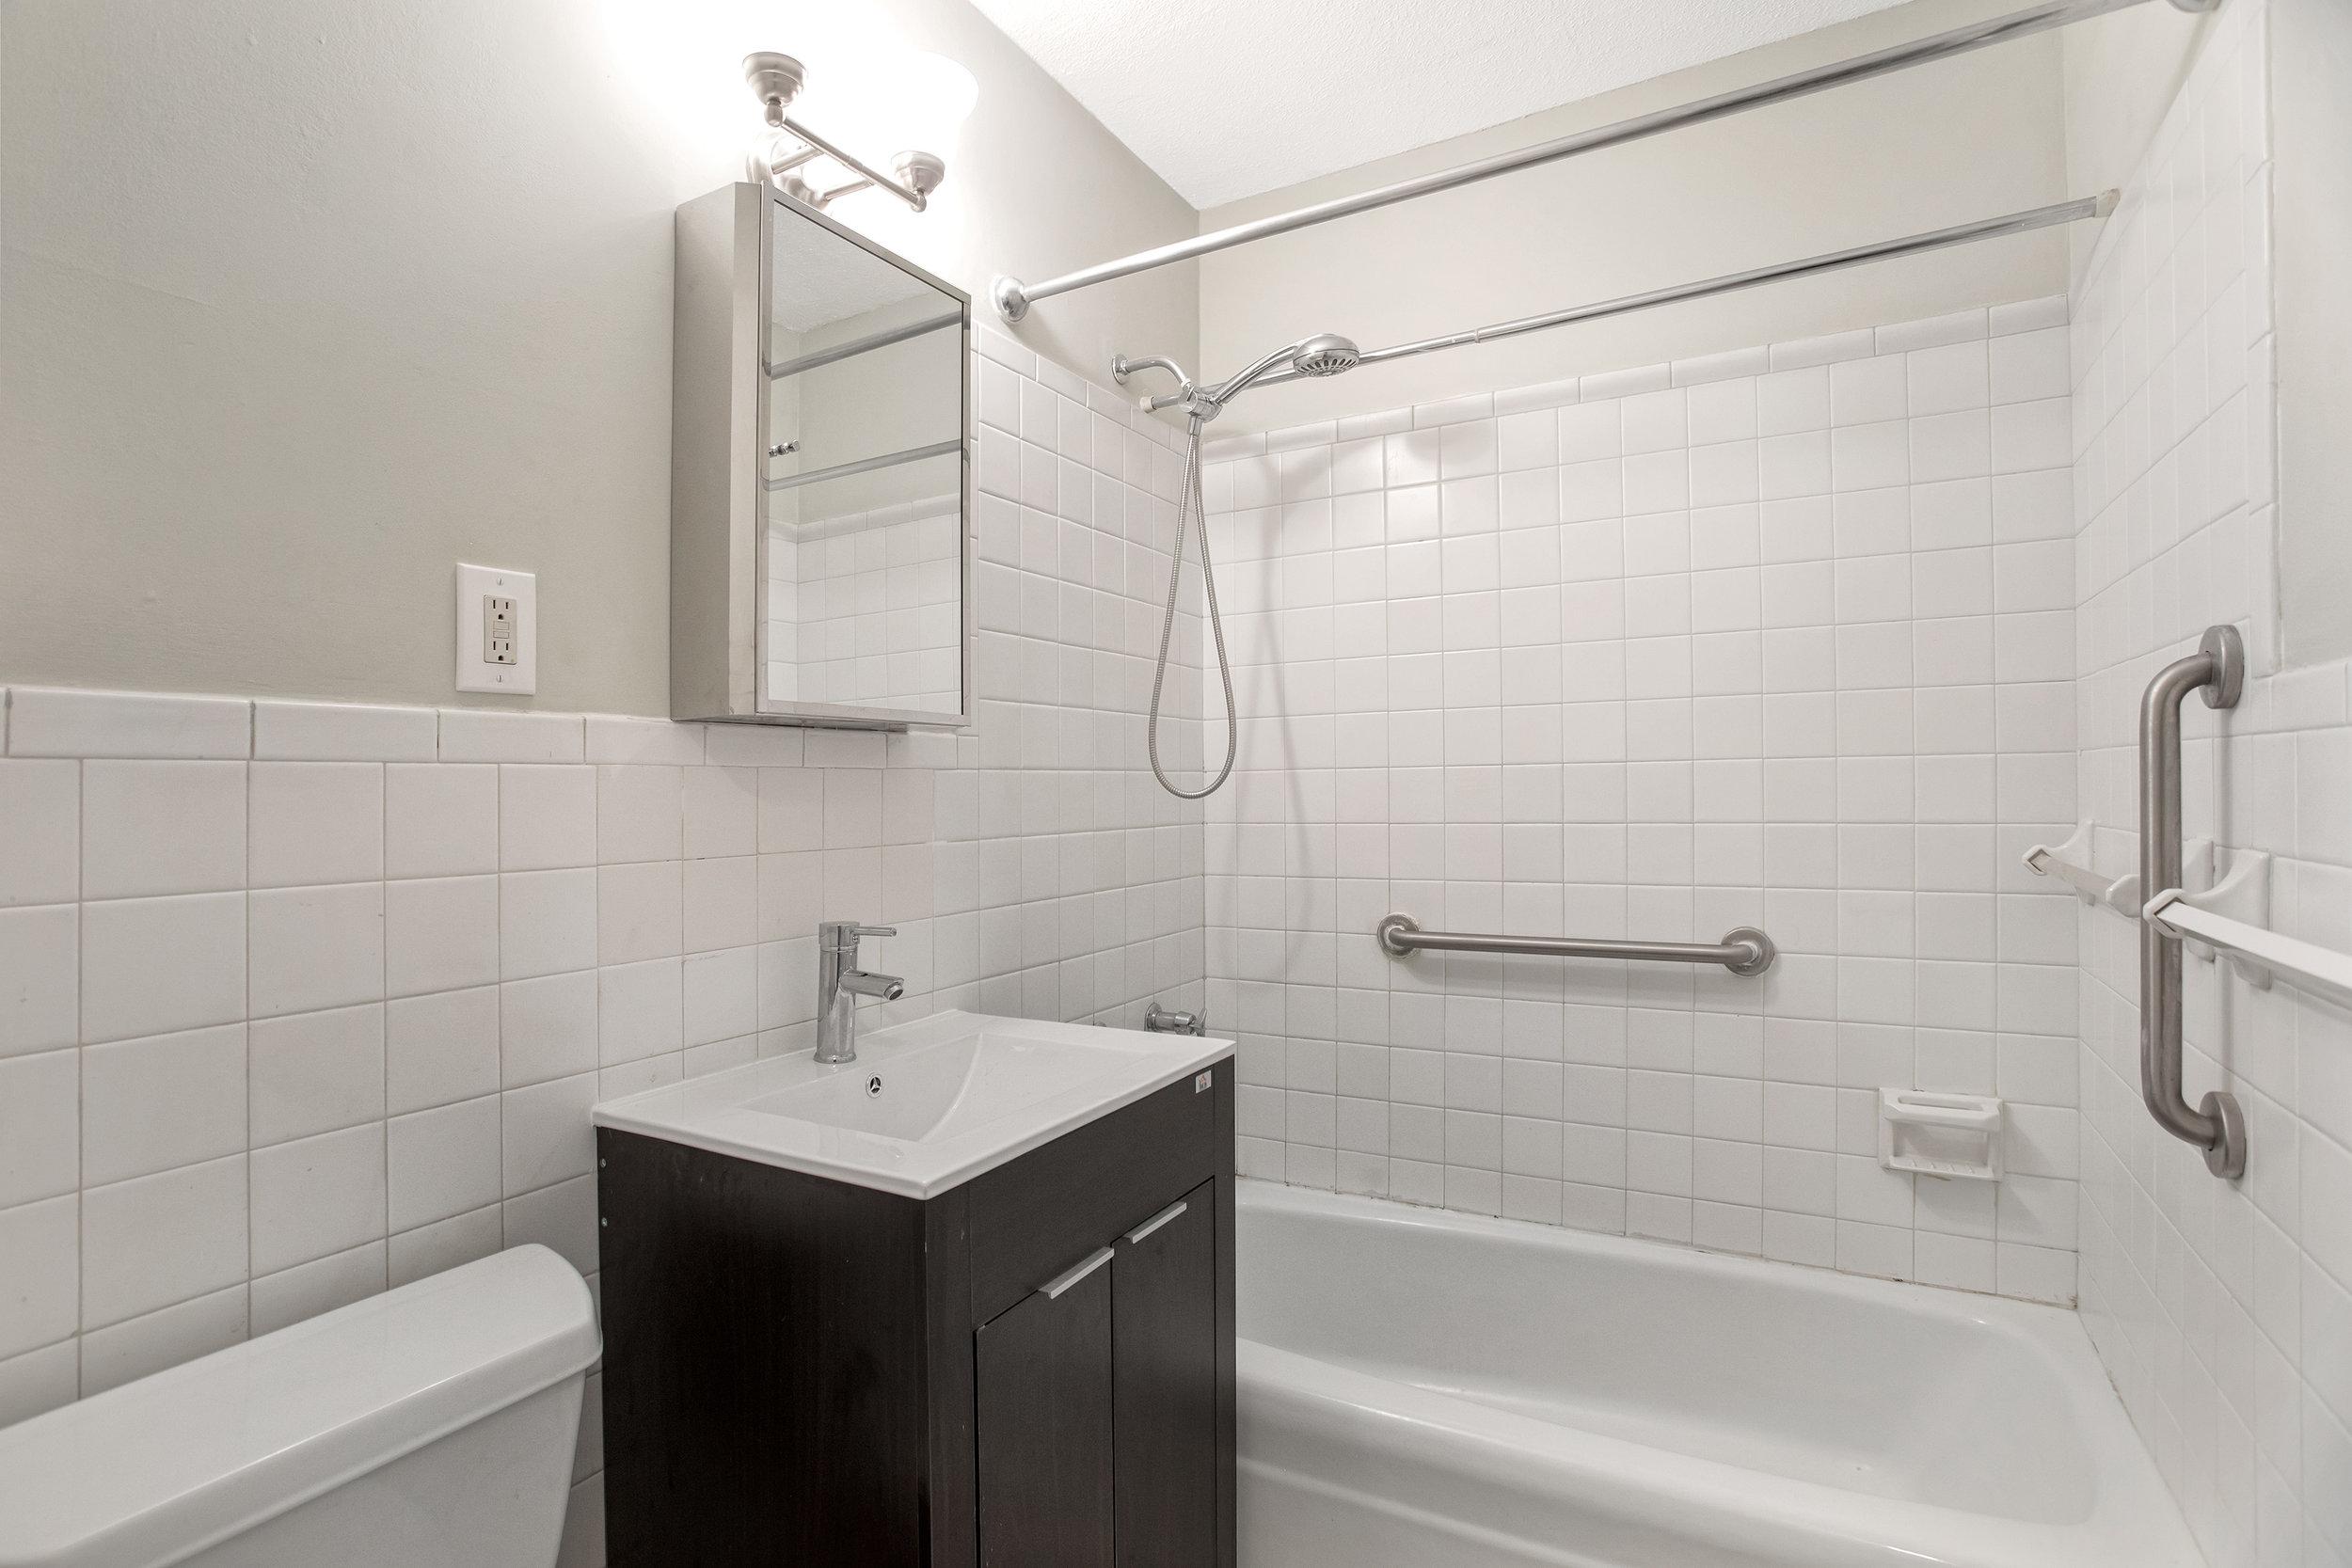 77fultonst6f-bath.jpg